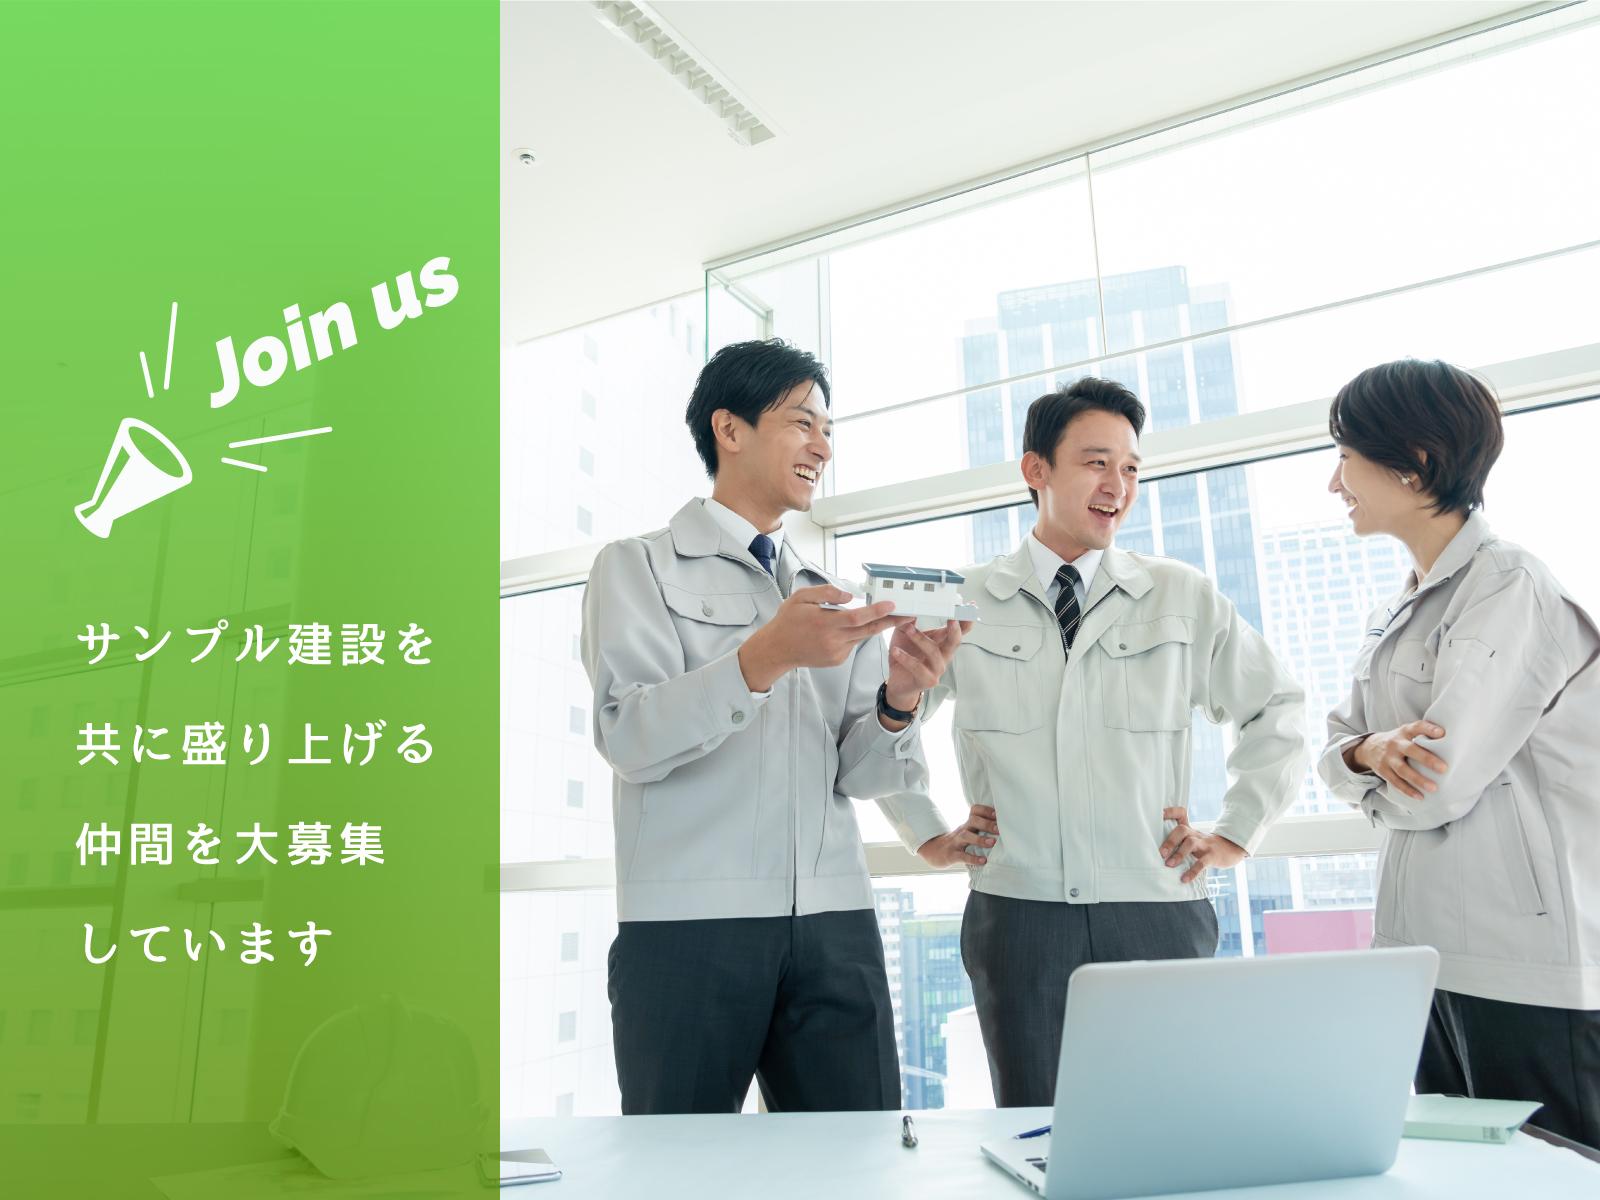 サンプル建設株式会社 採用サイト